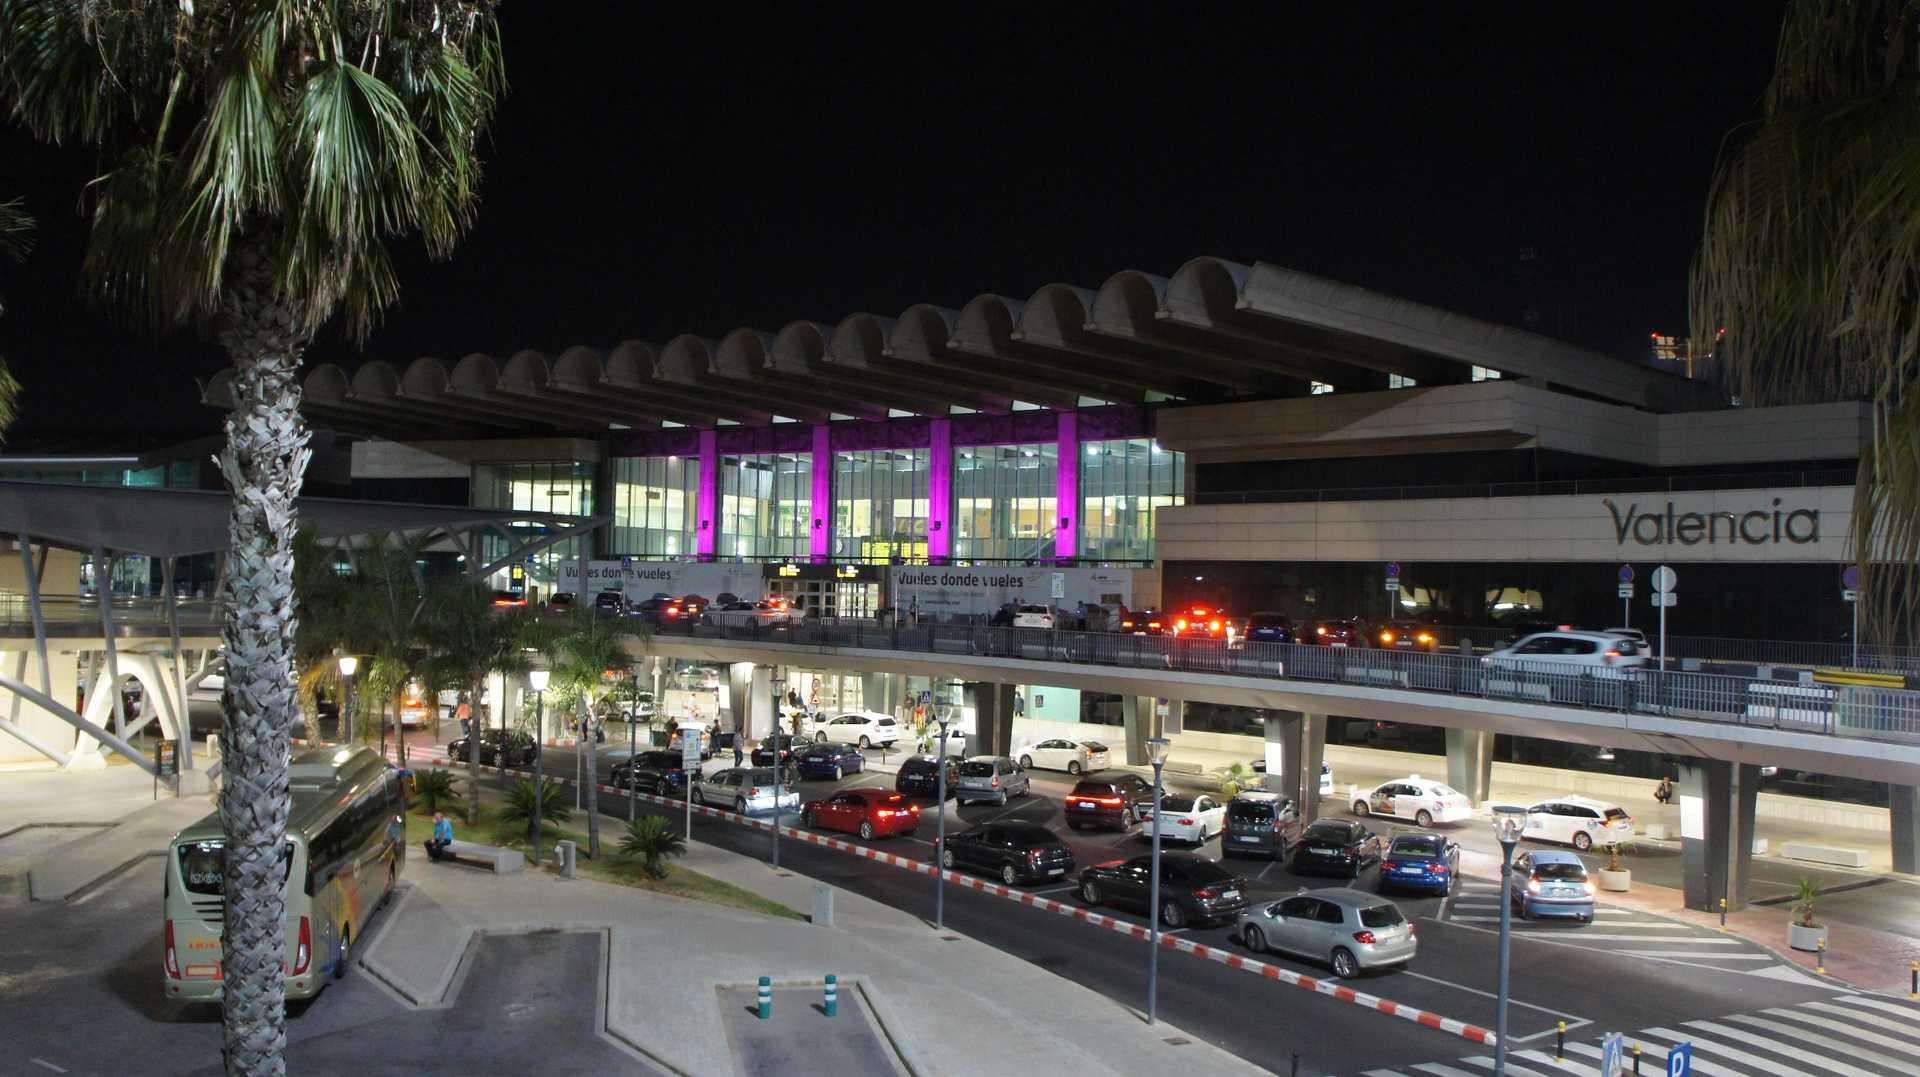 Aéroport de Valencia